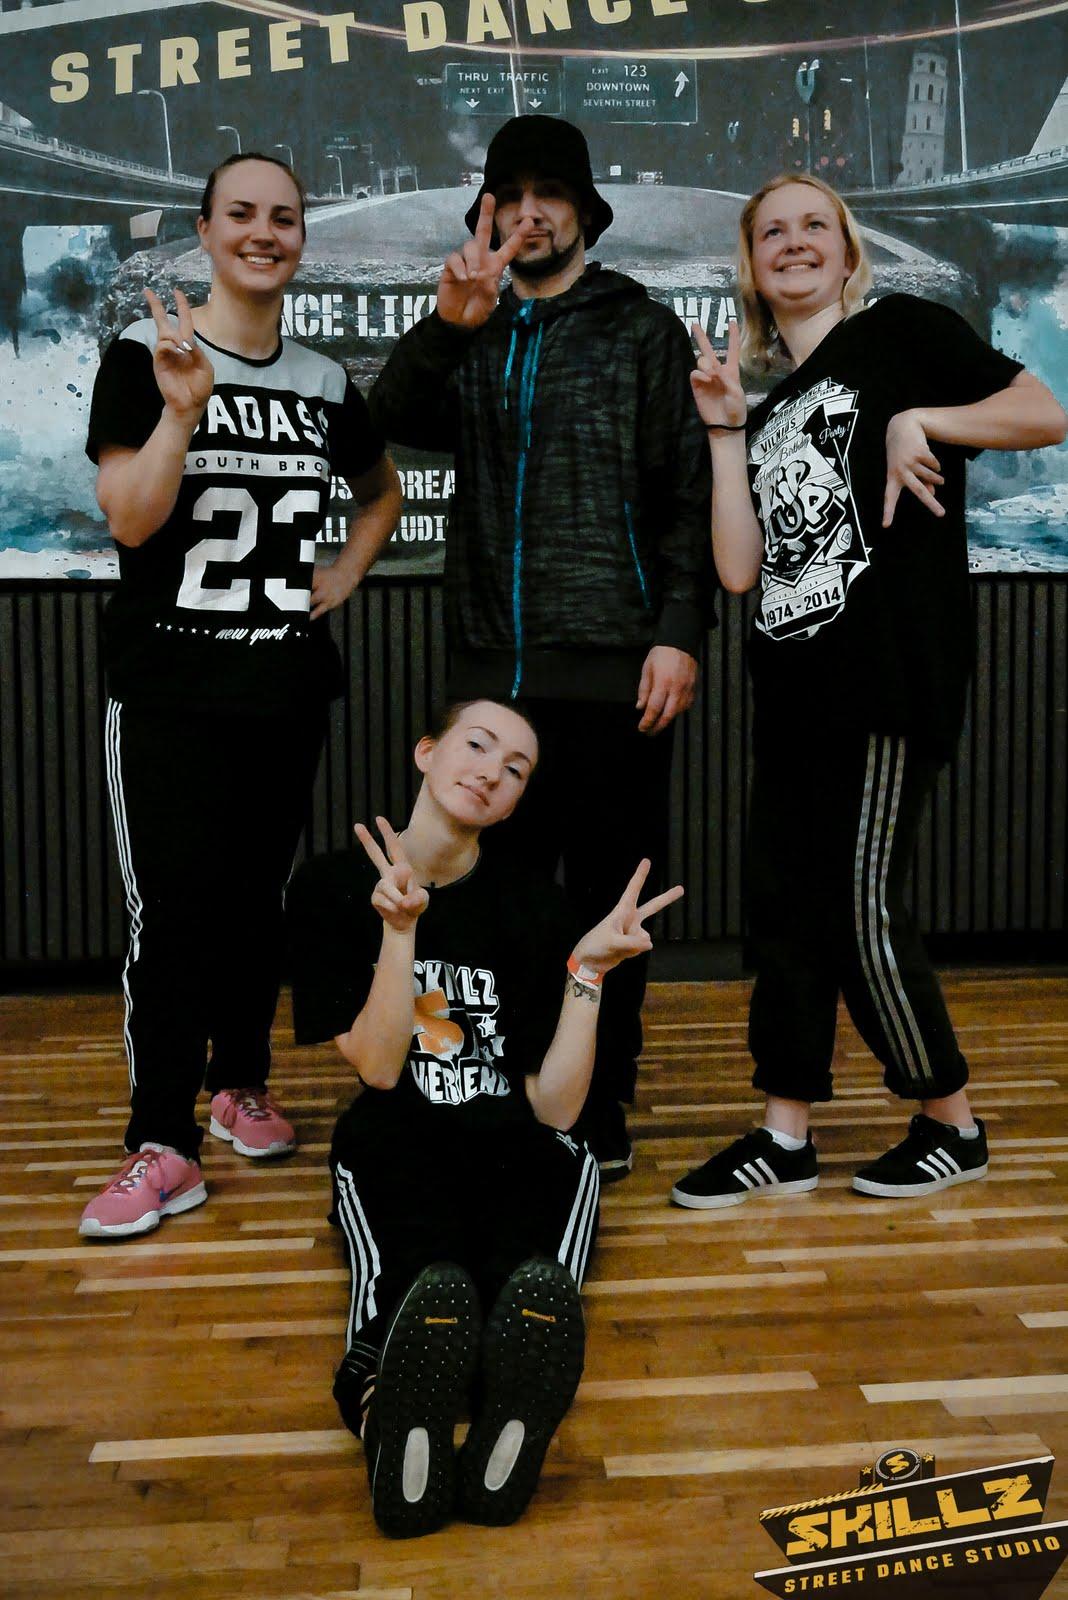 Hip hop seminaras su Jeka iš Maskvos - _1050283.jpg